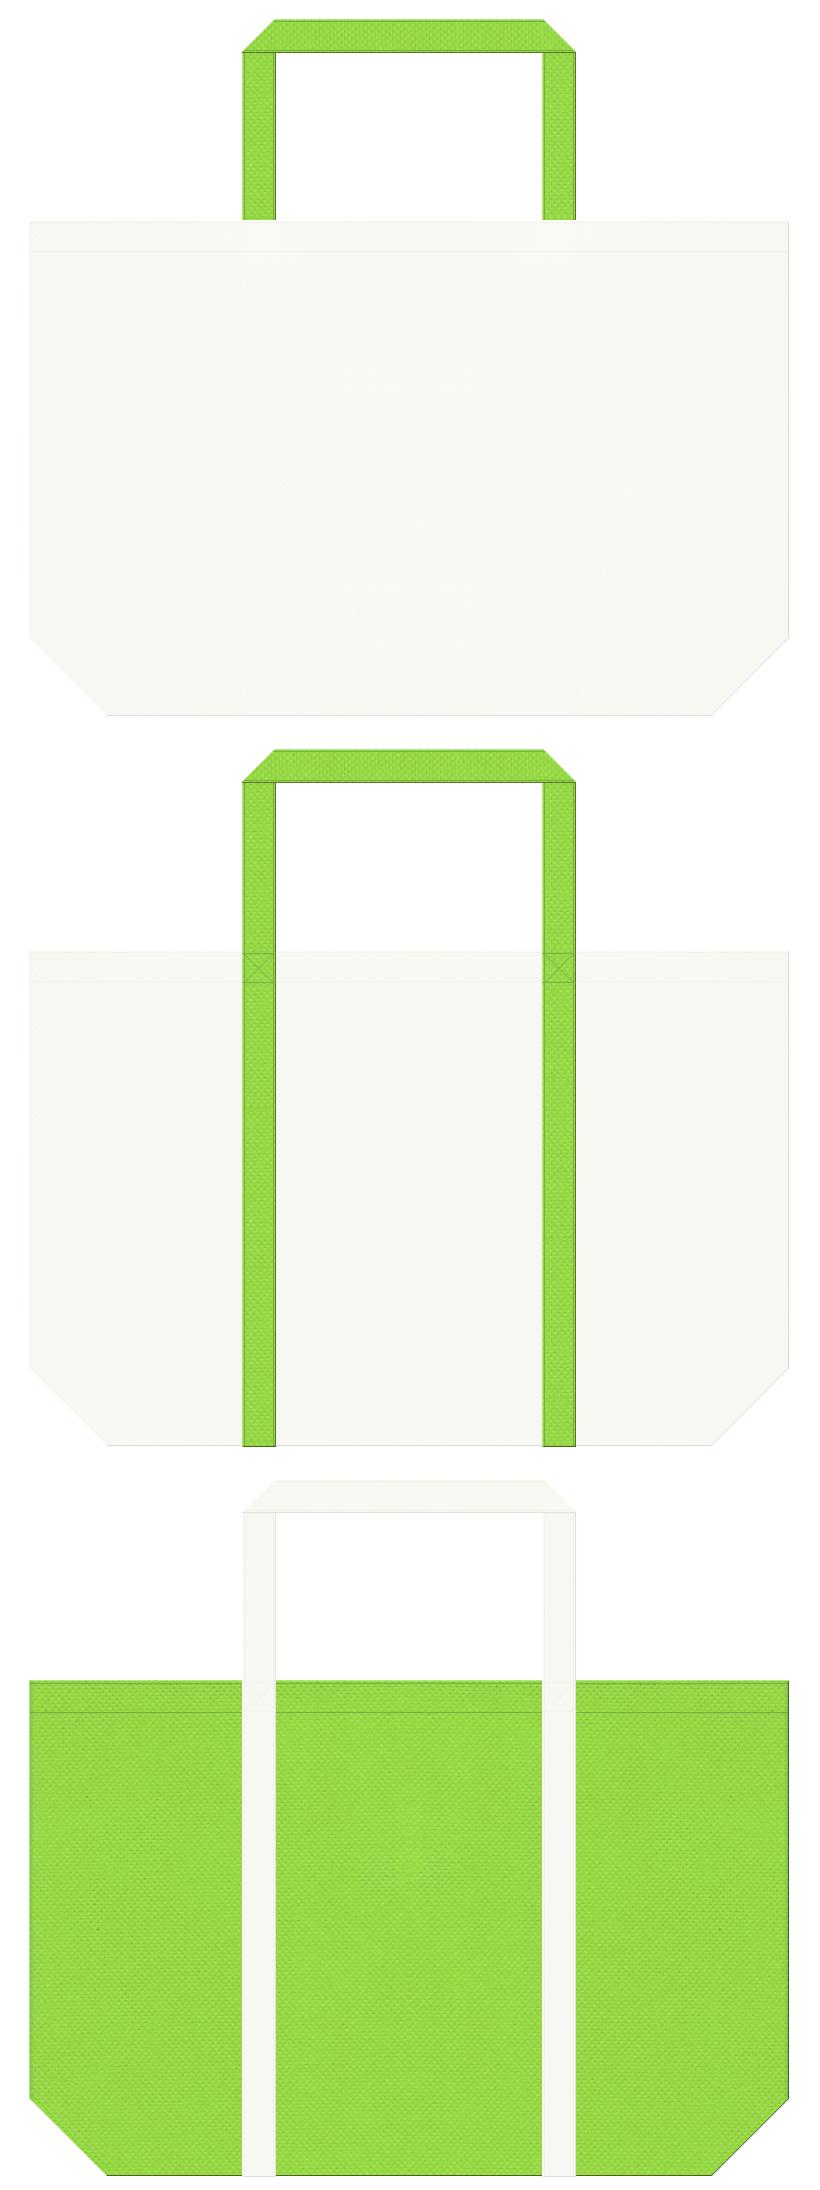 屋上緑化・壁面緑化・緑化推進・ナチュラル・健康器具・健康食品・エコイベント・キャベツ・白ねぎ・レタス・カイワレ・マスカット・メロン・果樹園・水耕栽培・野菜工場・ハーブ・プランター・園芸用品の展示会用バッグにお奨めの不織布バッグデザイン:オフホワイト色と黄緑色のコーデ